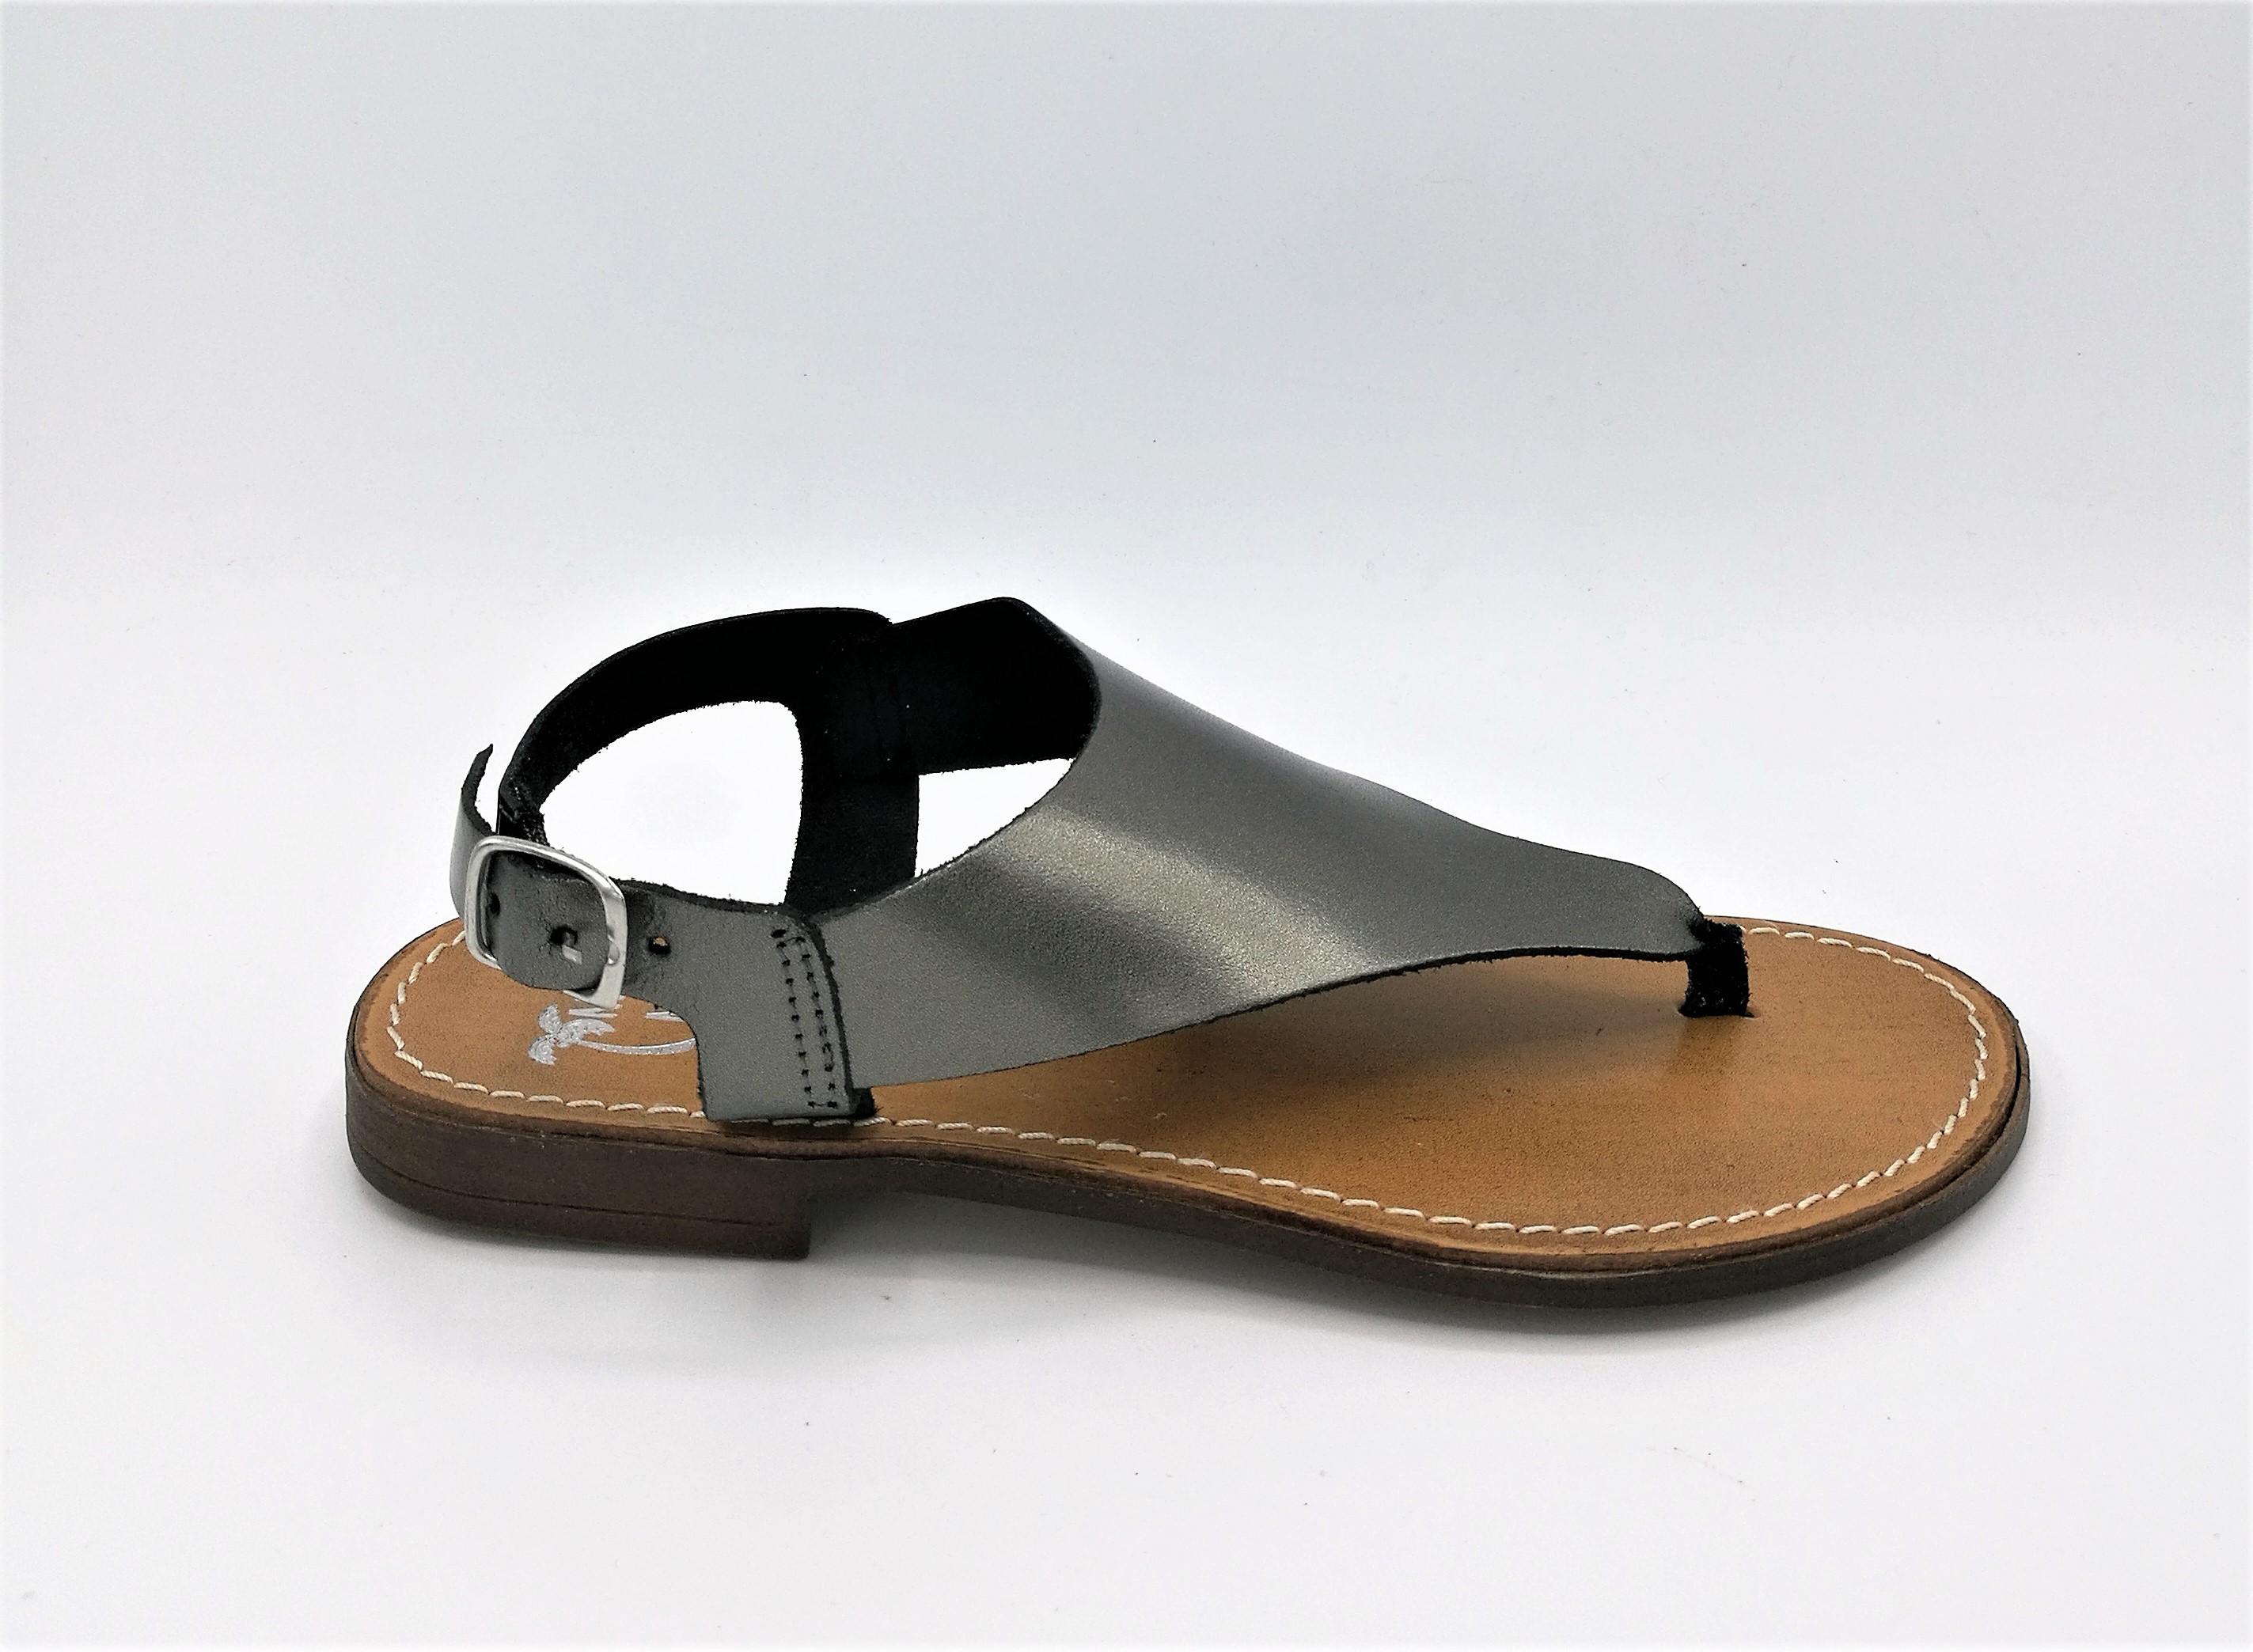 Mare e laminato Mare Simona 10 sandalo infradito laminato e ematite dc6014